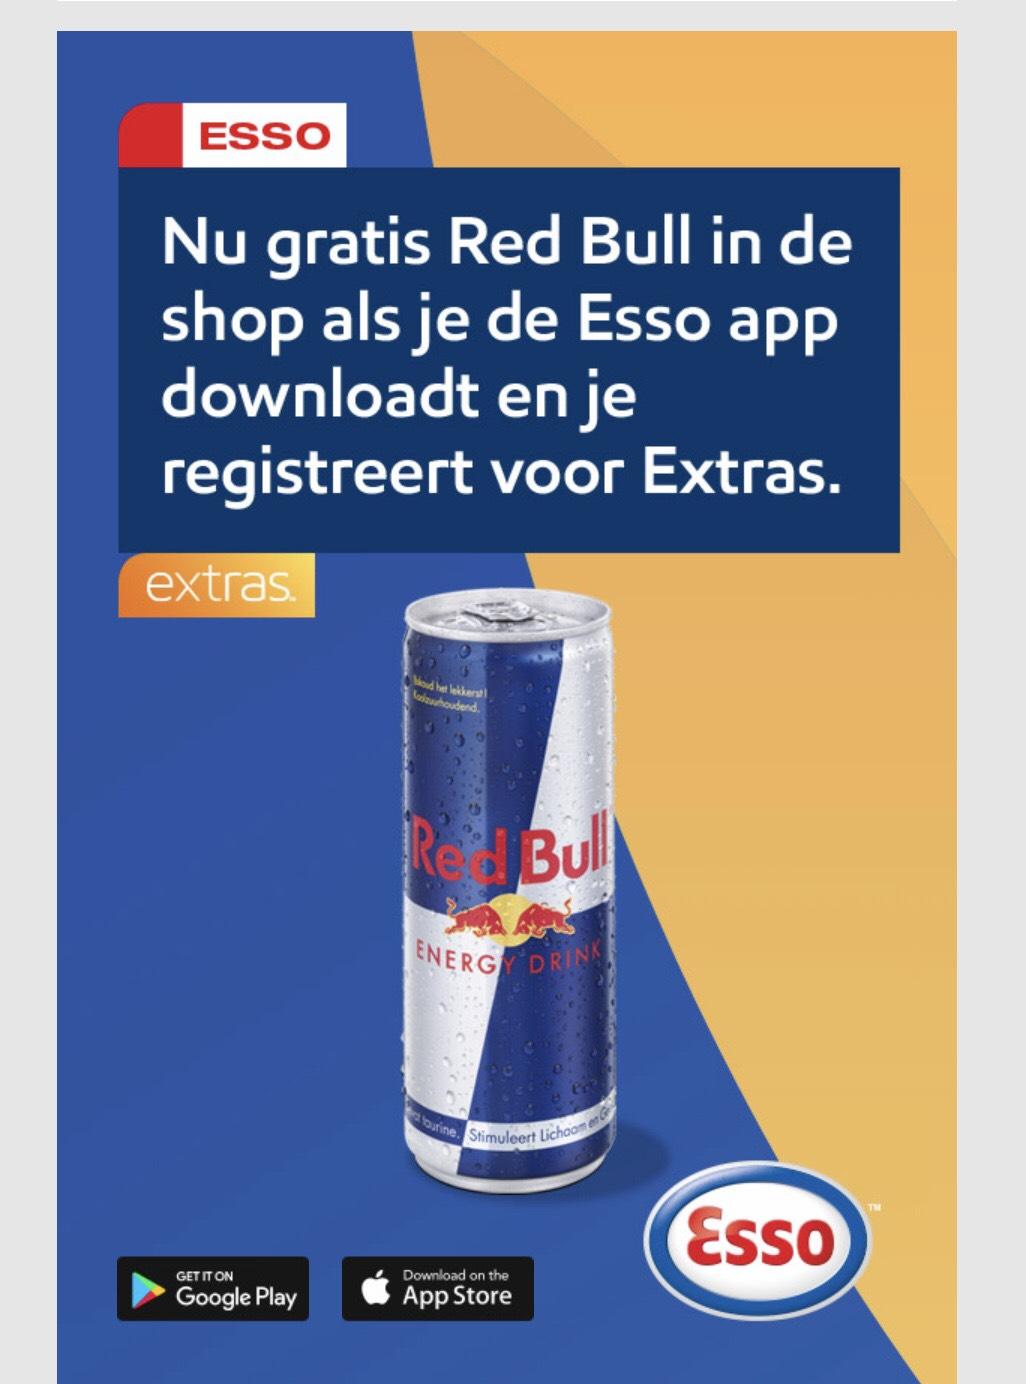 Gratis blikje Redbull @Esso extra app